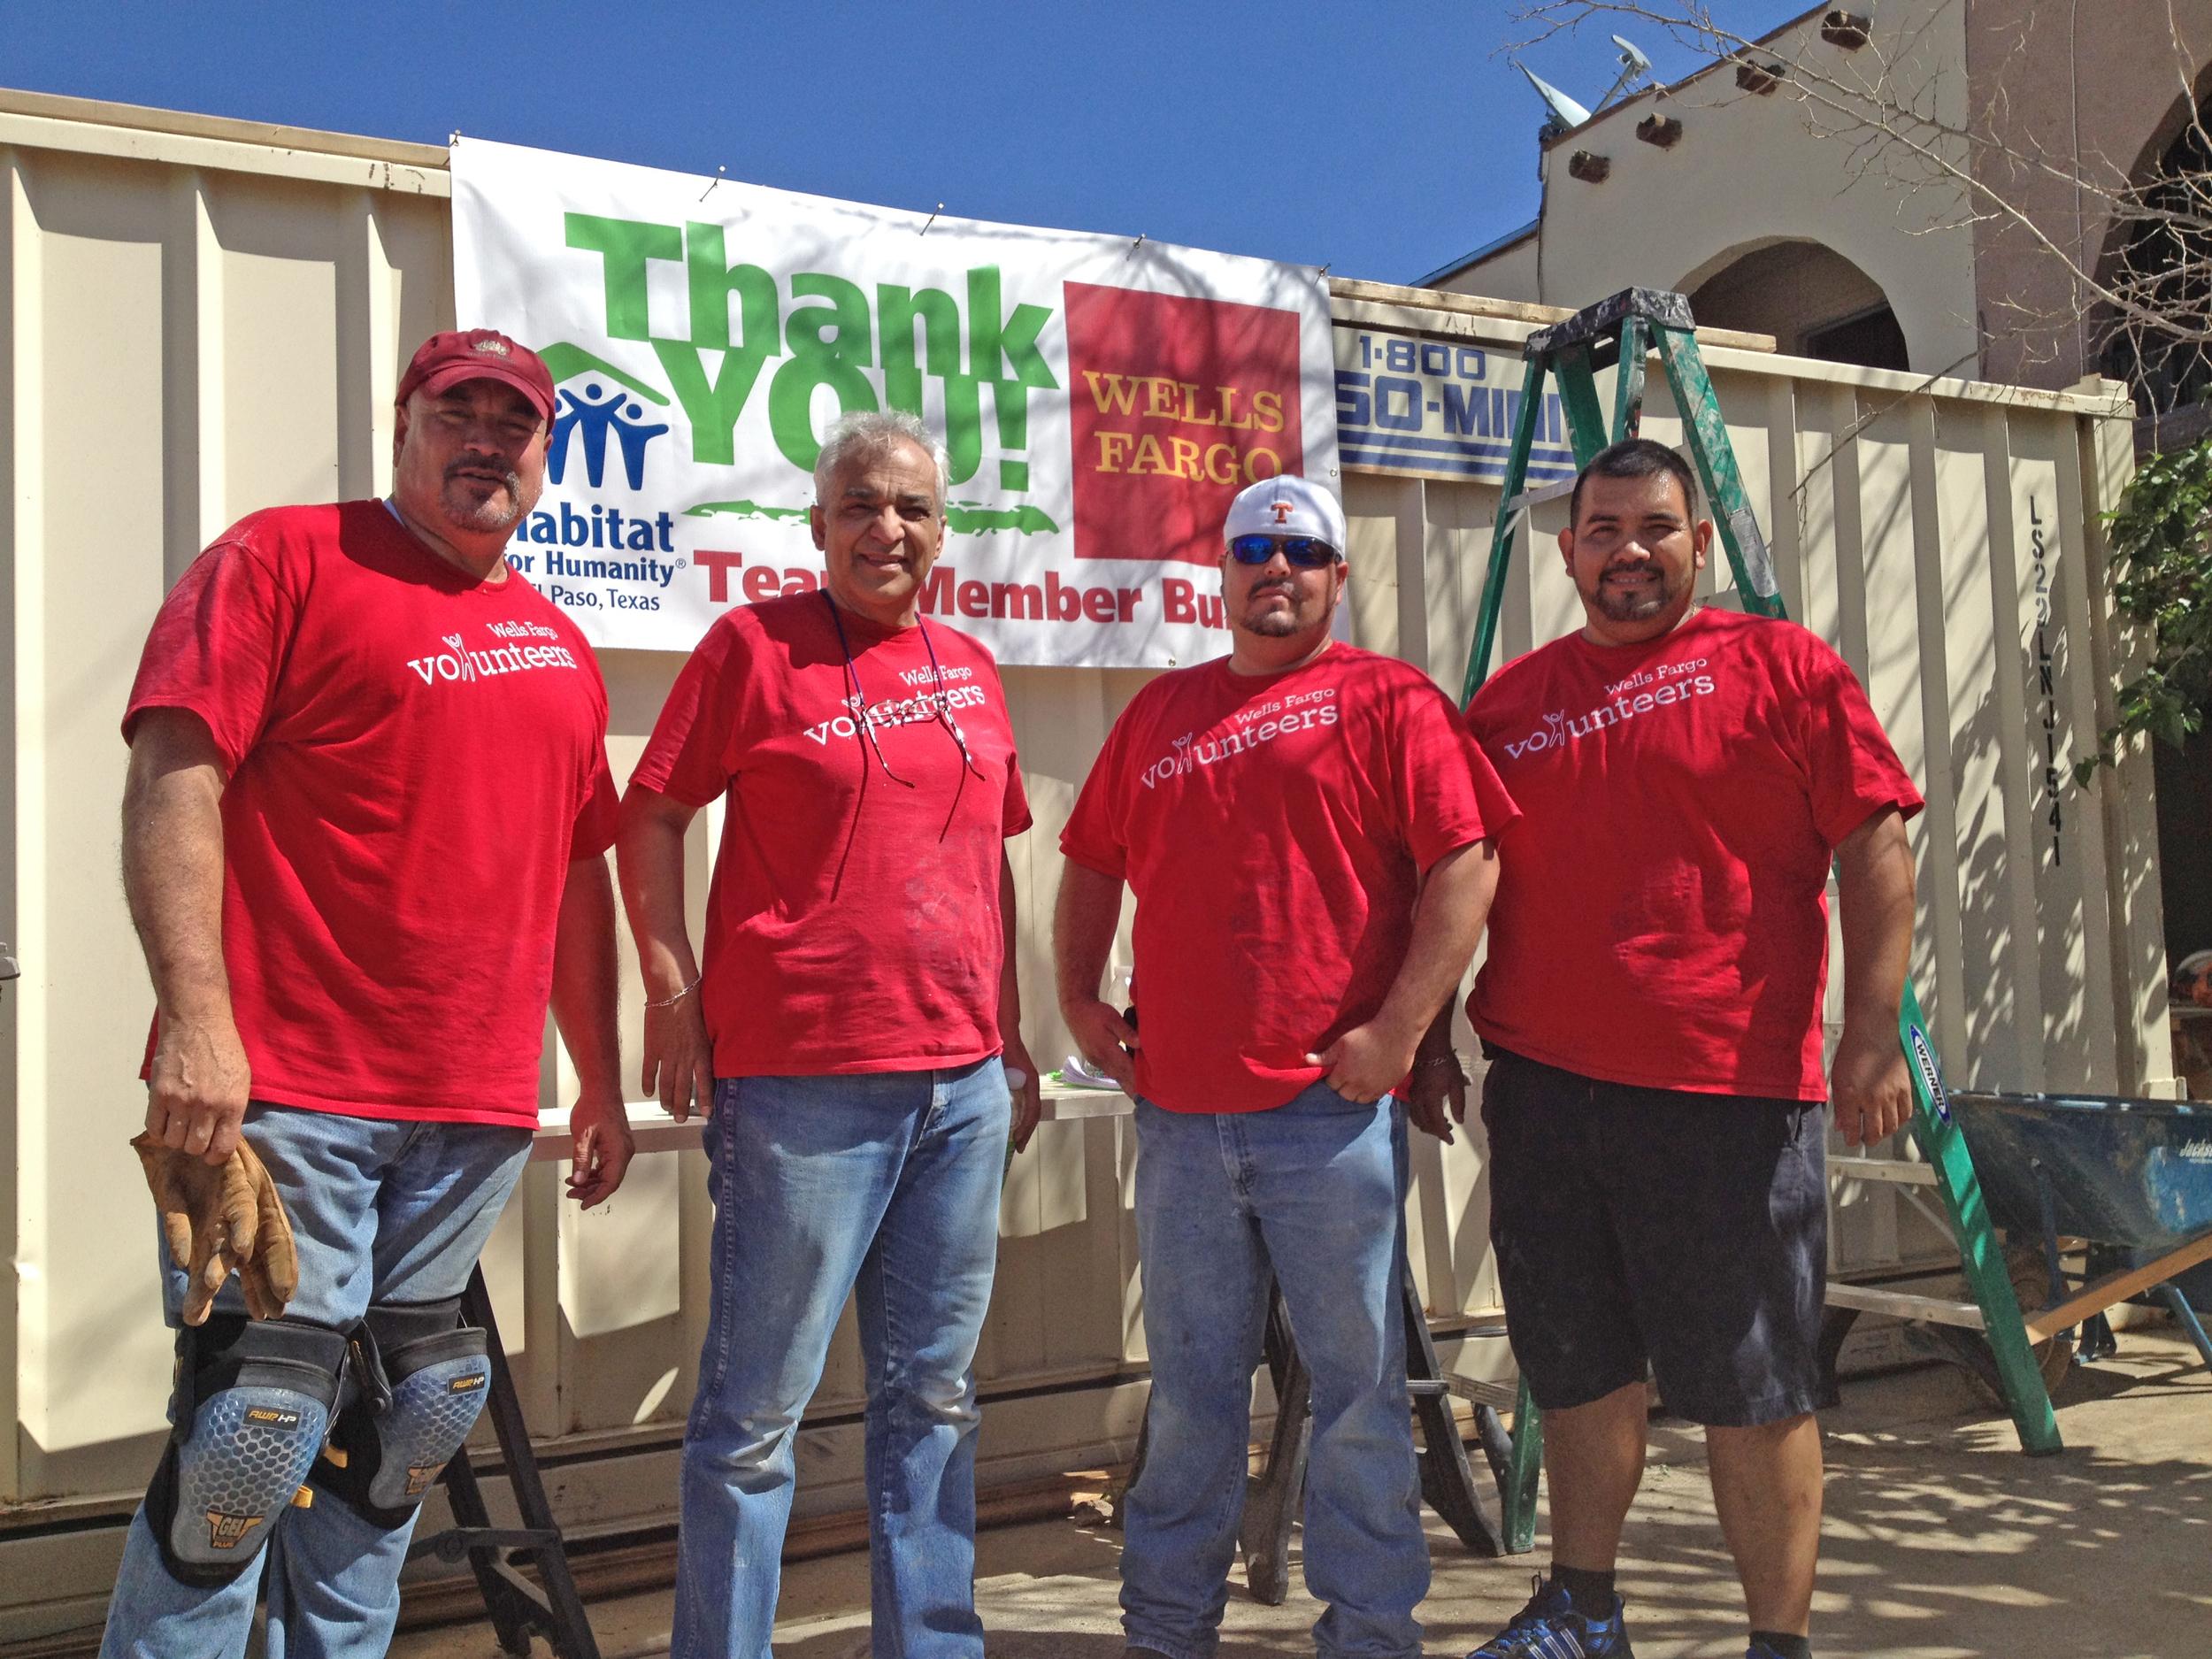 Wells fargo team build, October 2014